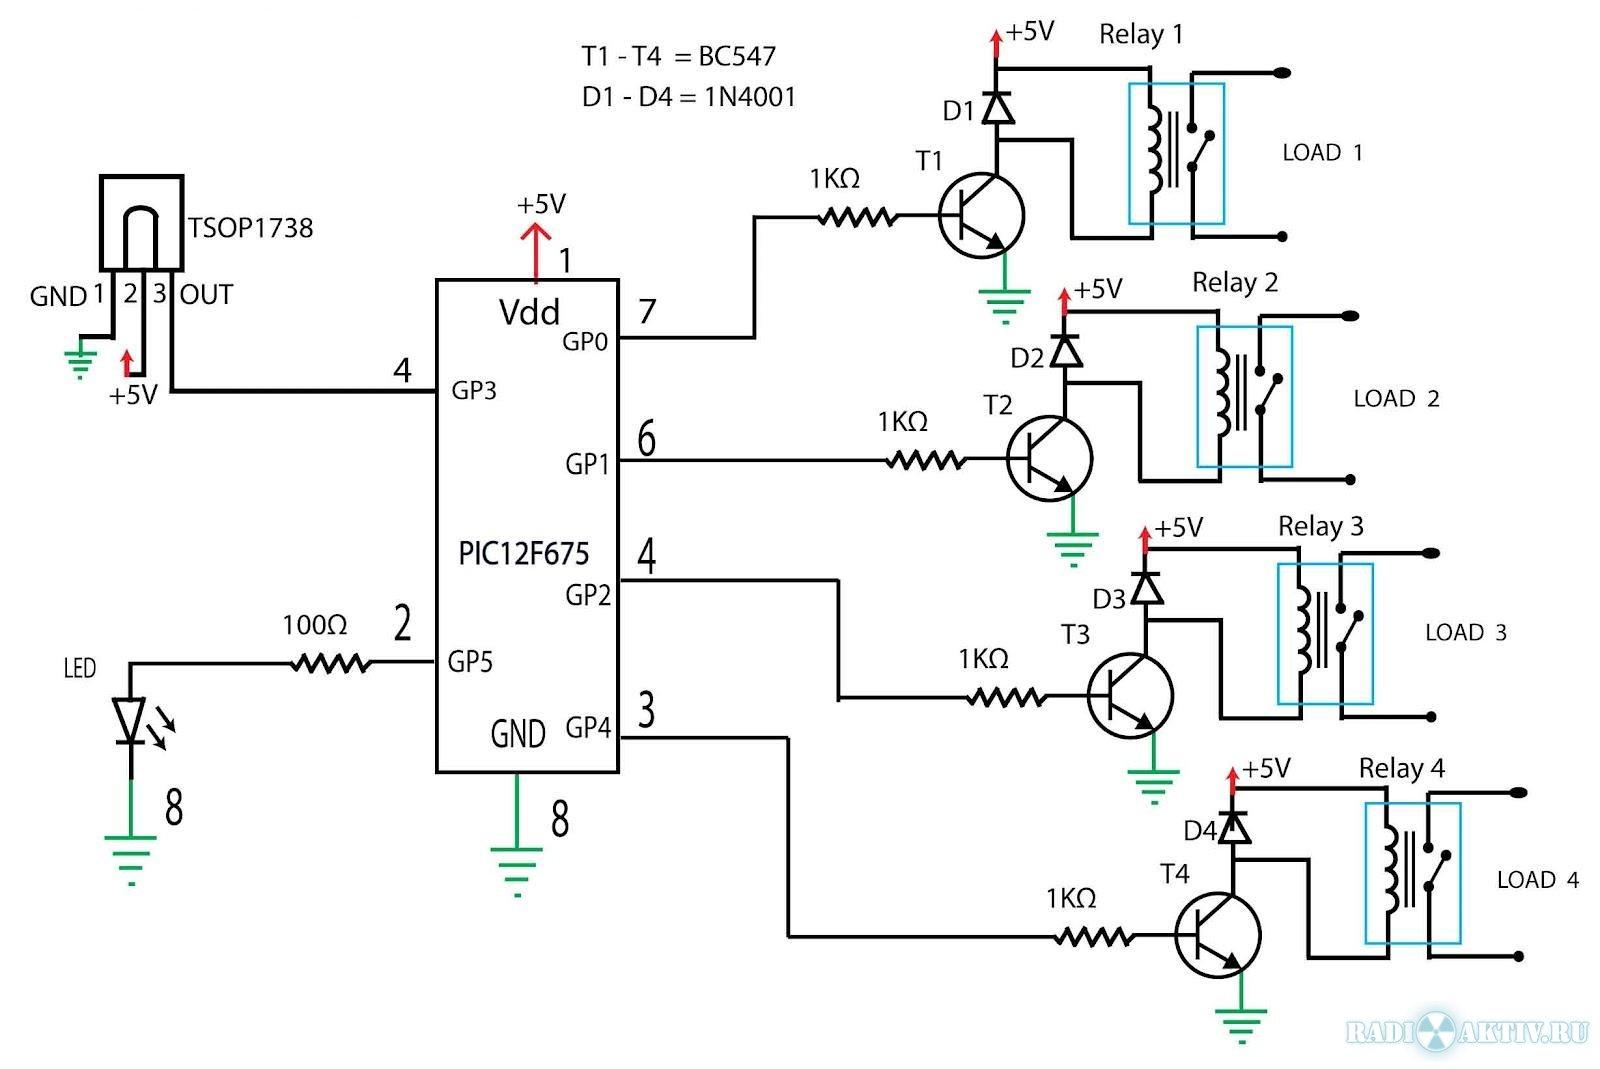 ИК управление четырьмя нагрузками с использованием NEC протокола ...